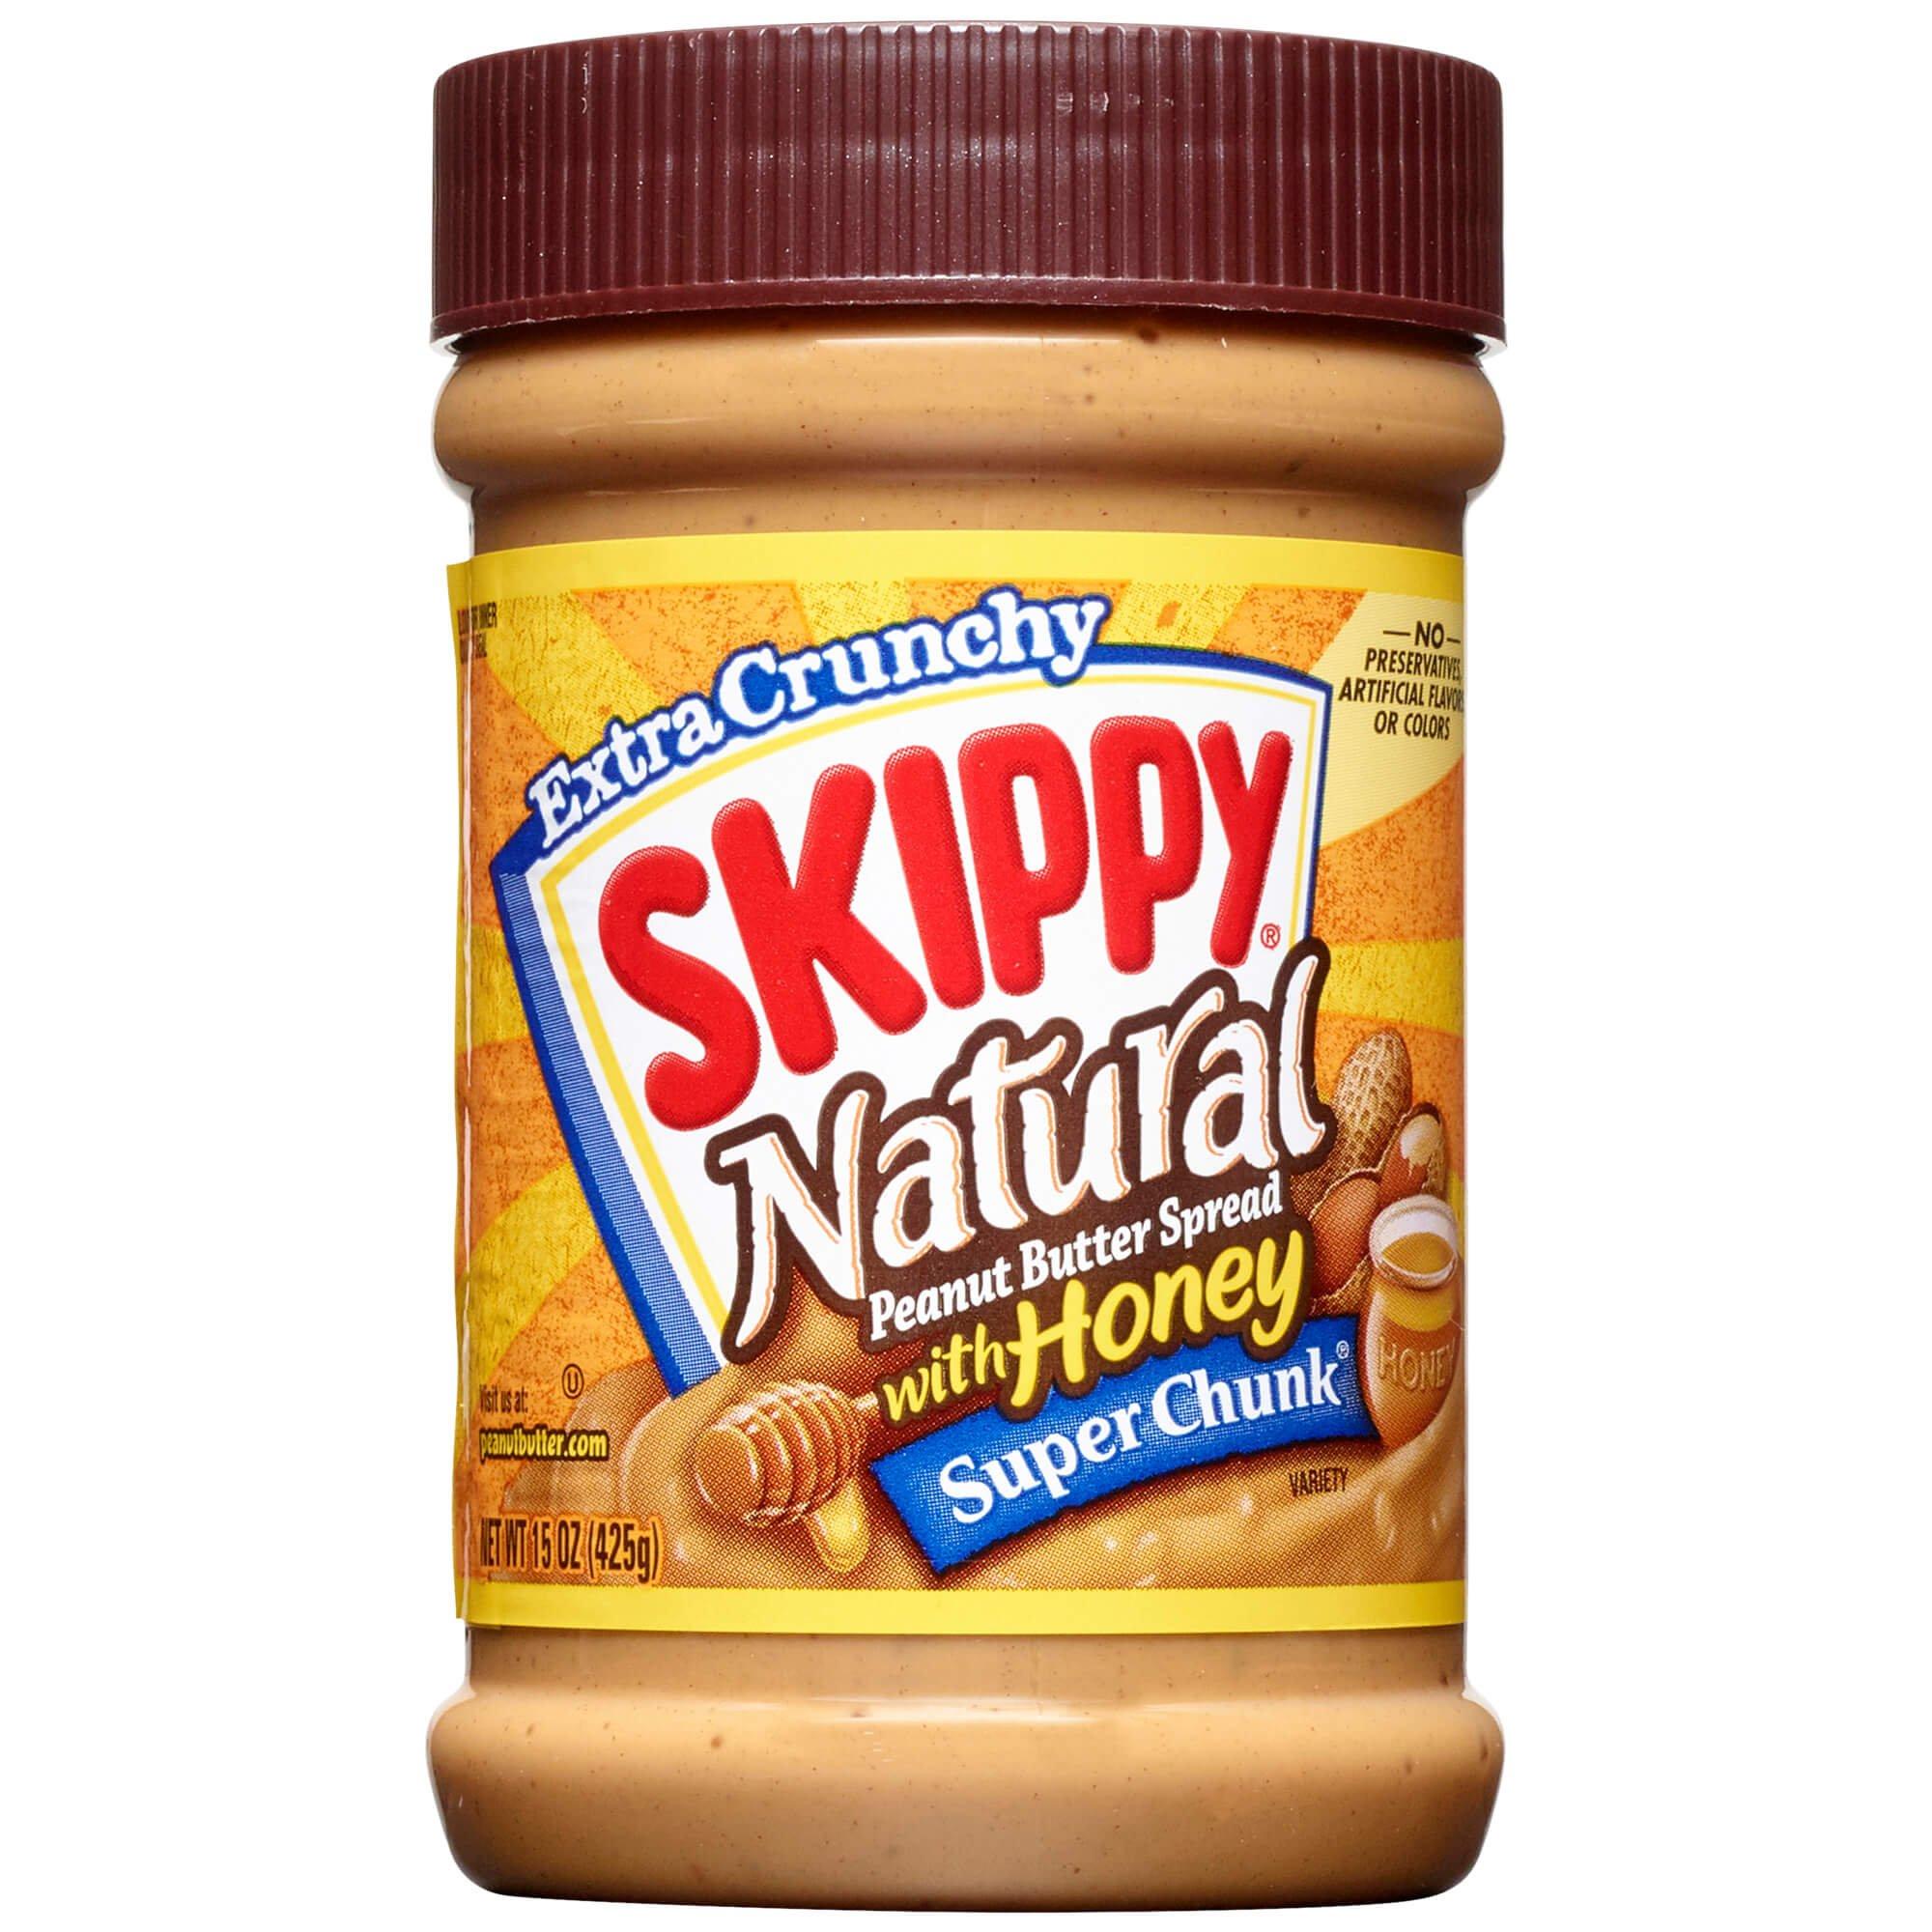 Amazon.com : Skippy Natural Creamy Peanut Butter Spread